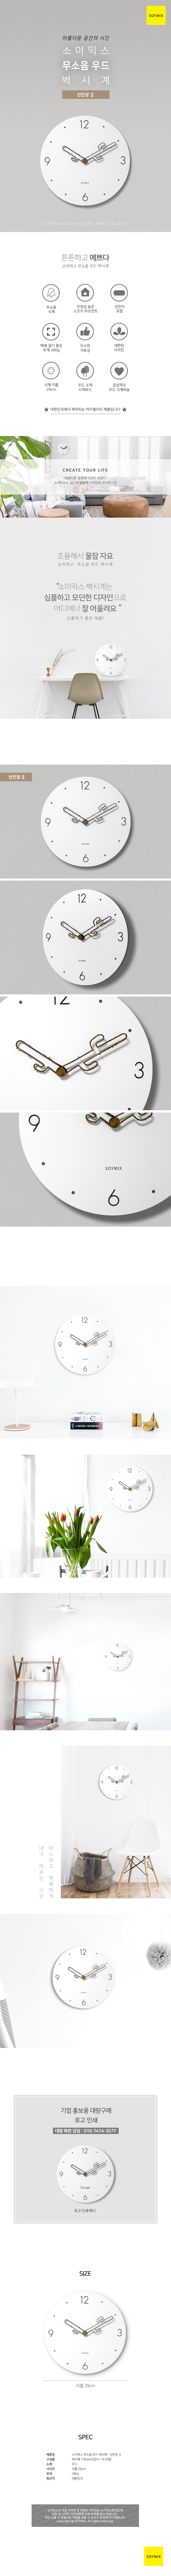 소이믹스 선인장2 우드 무소음 벽시계 - 소이믹스, 16,900원, 벽시계, 우드벽시계